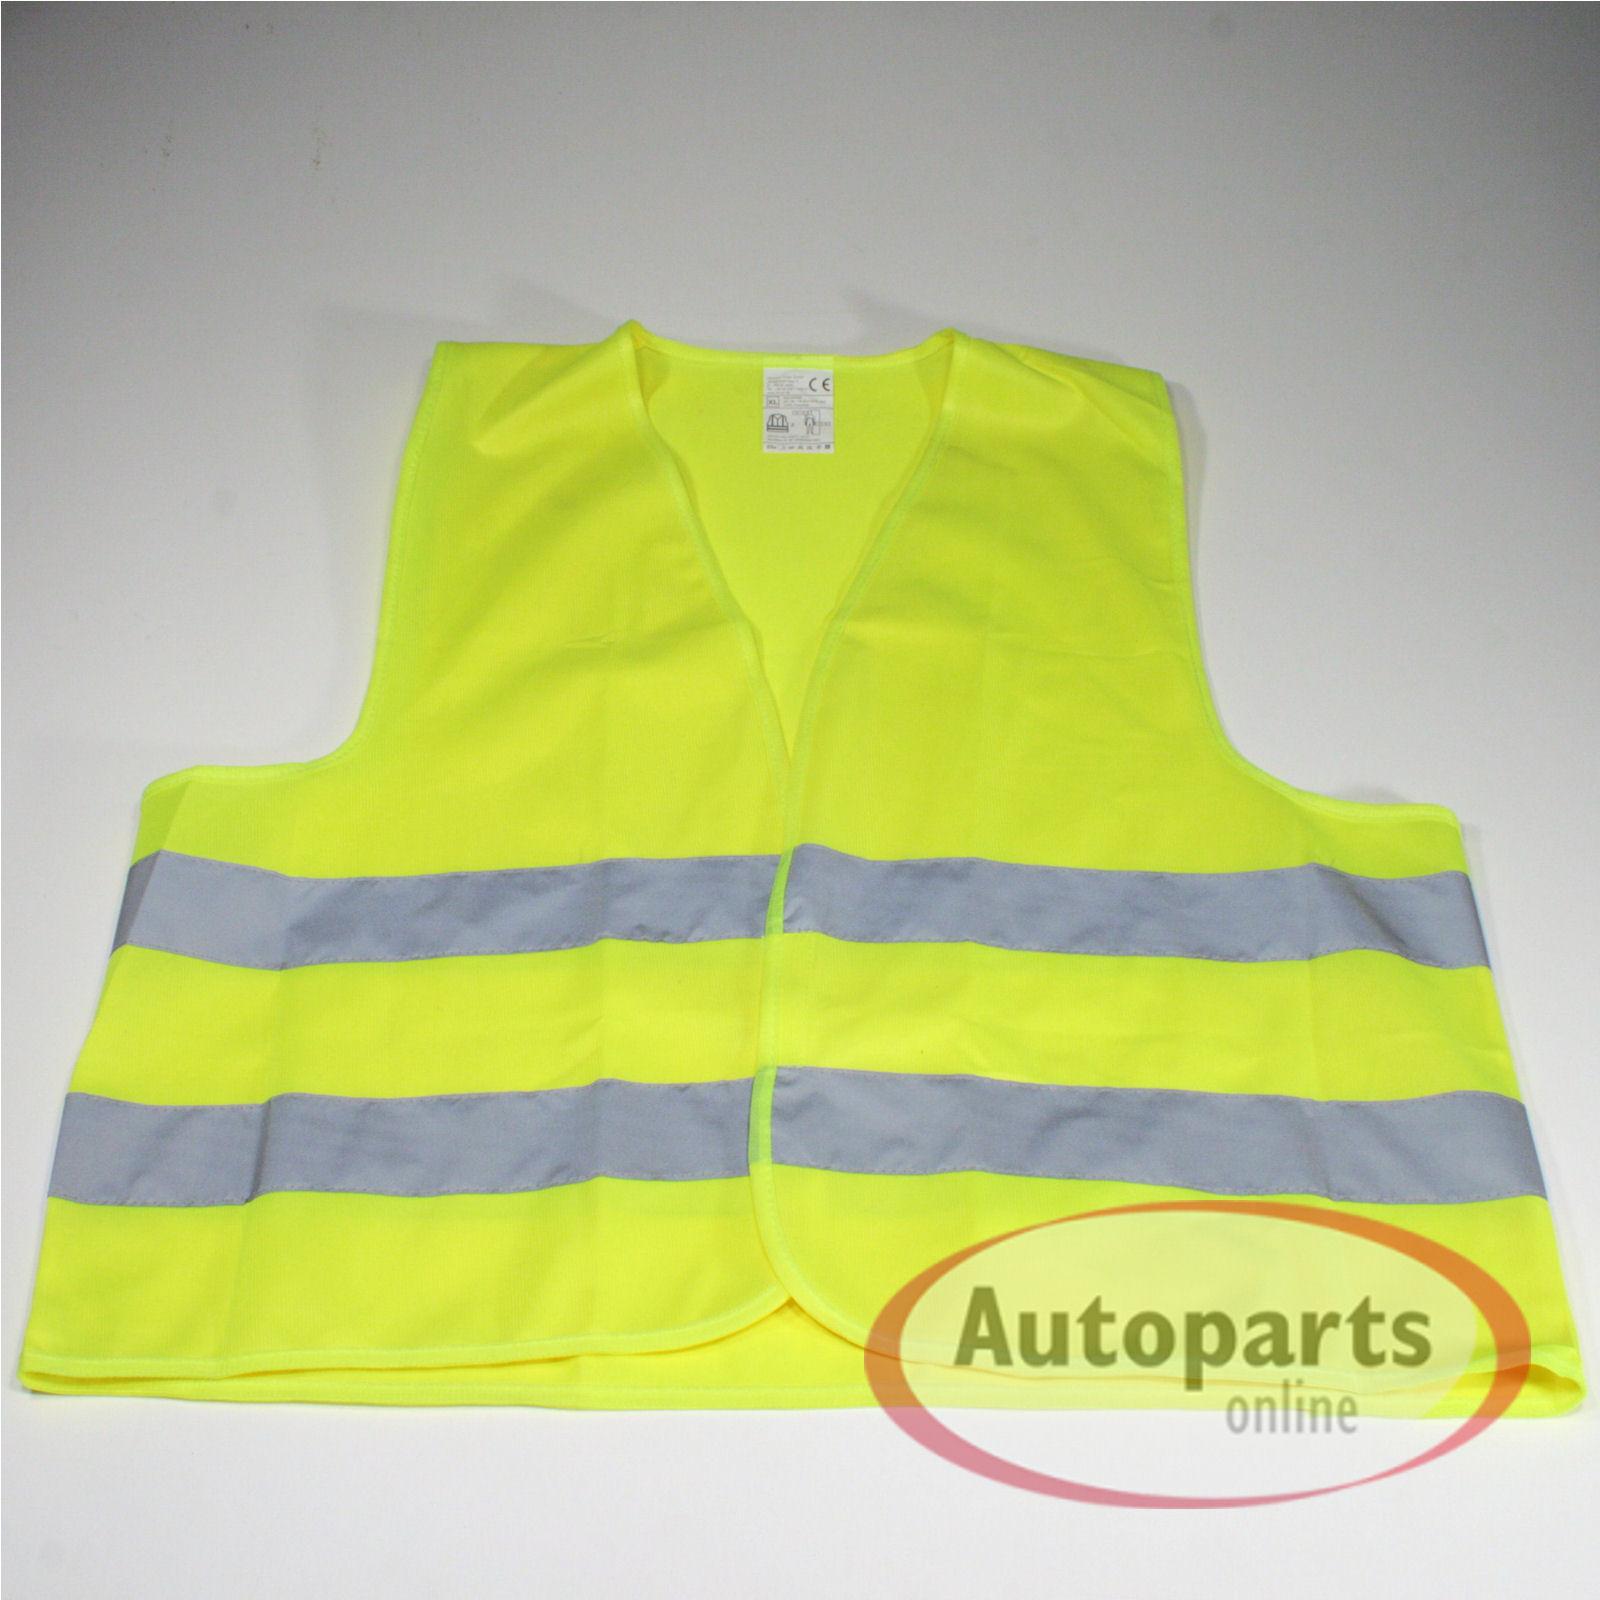 Hochwertige Warnweste Sicherheitsweste Pannenweste Unfallweste gelb selbstreflektierend Größe XL